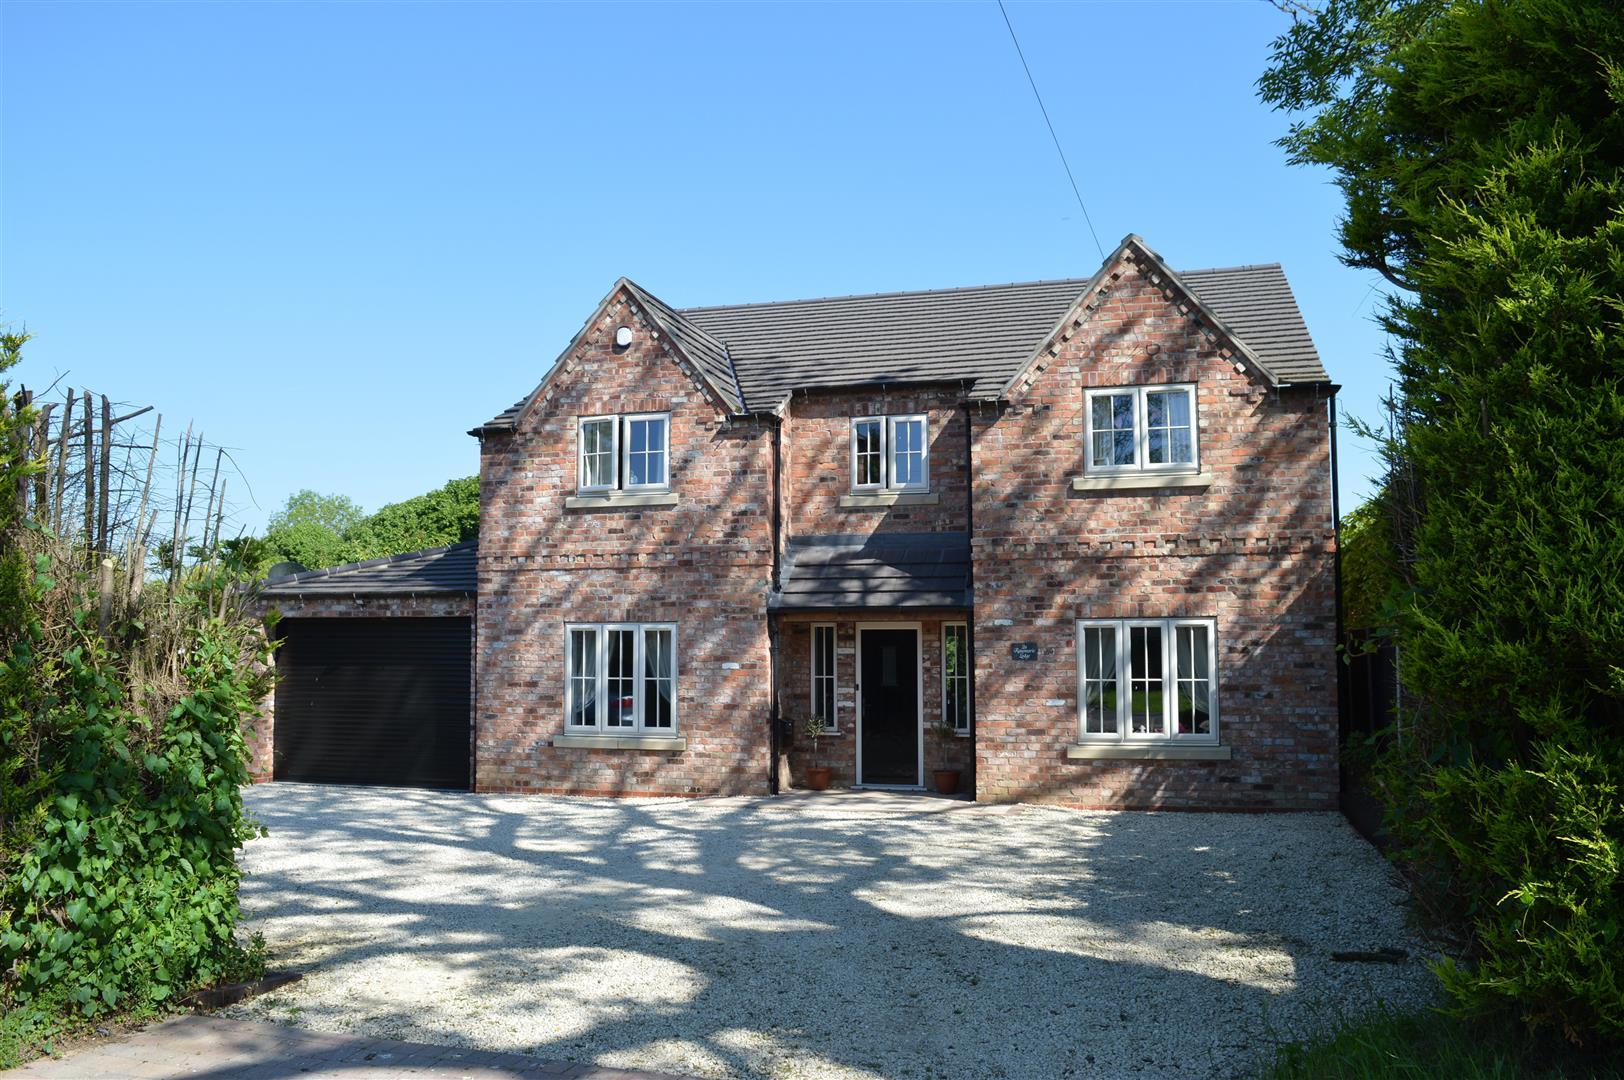 4 bedroom property in Helpringham